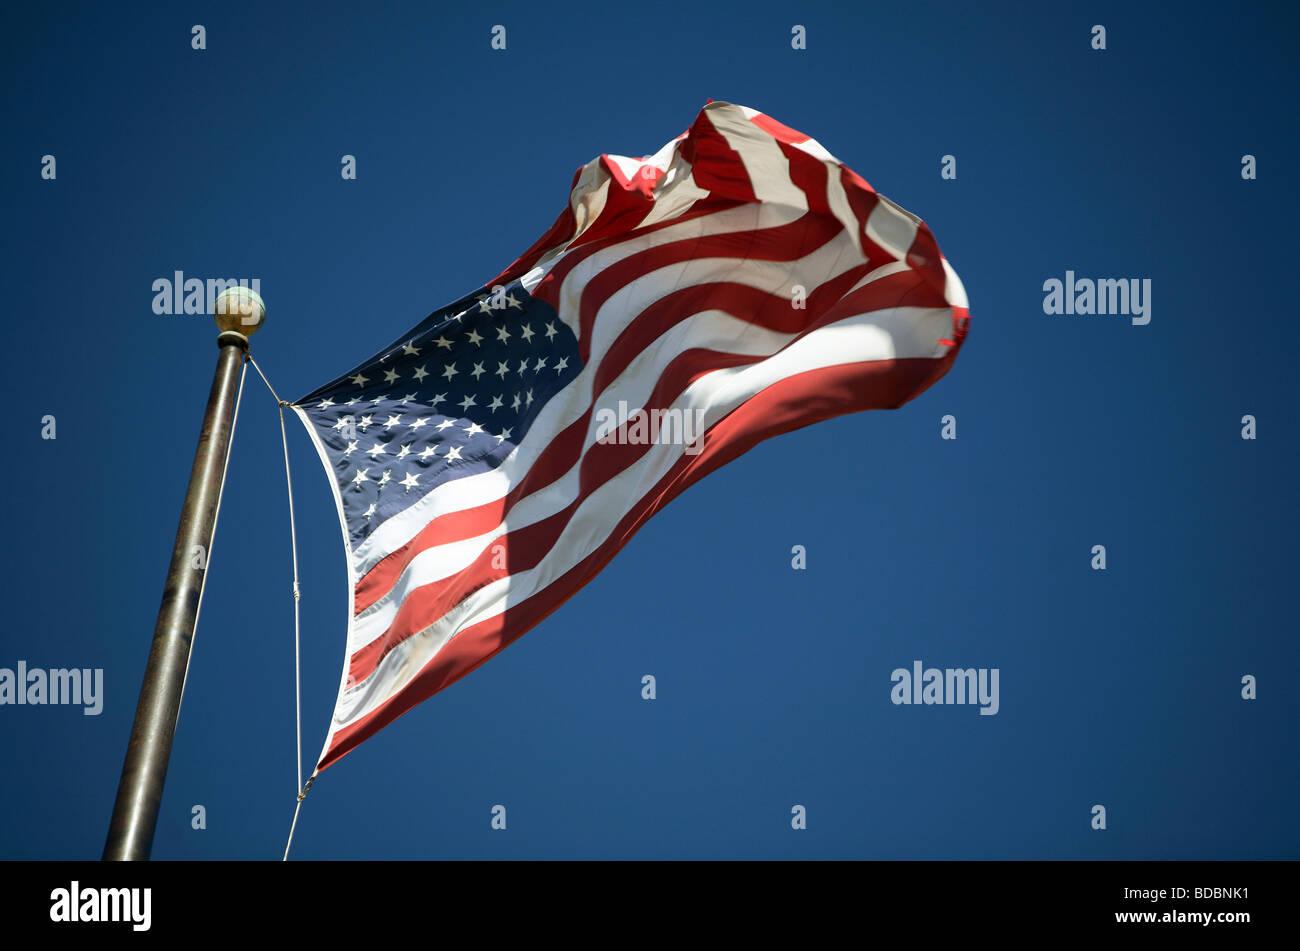 USA national flag fluttering - Stock Image